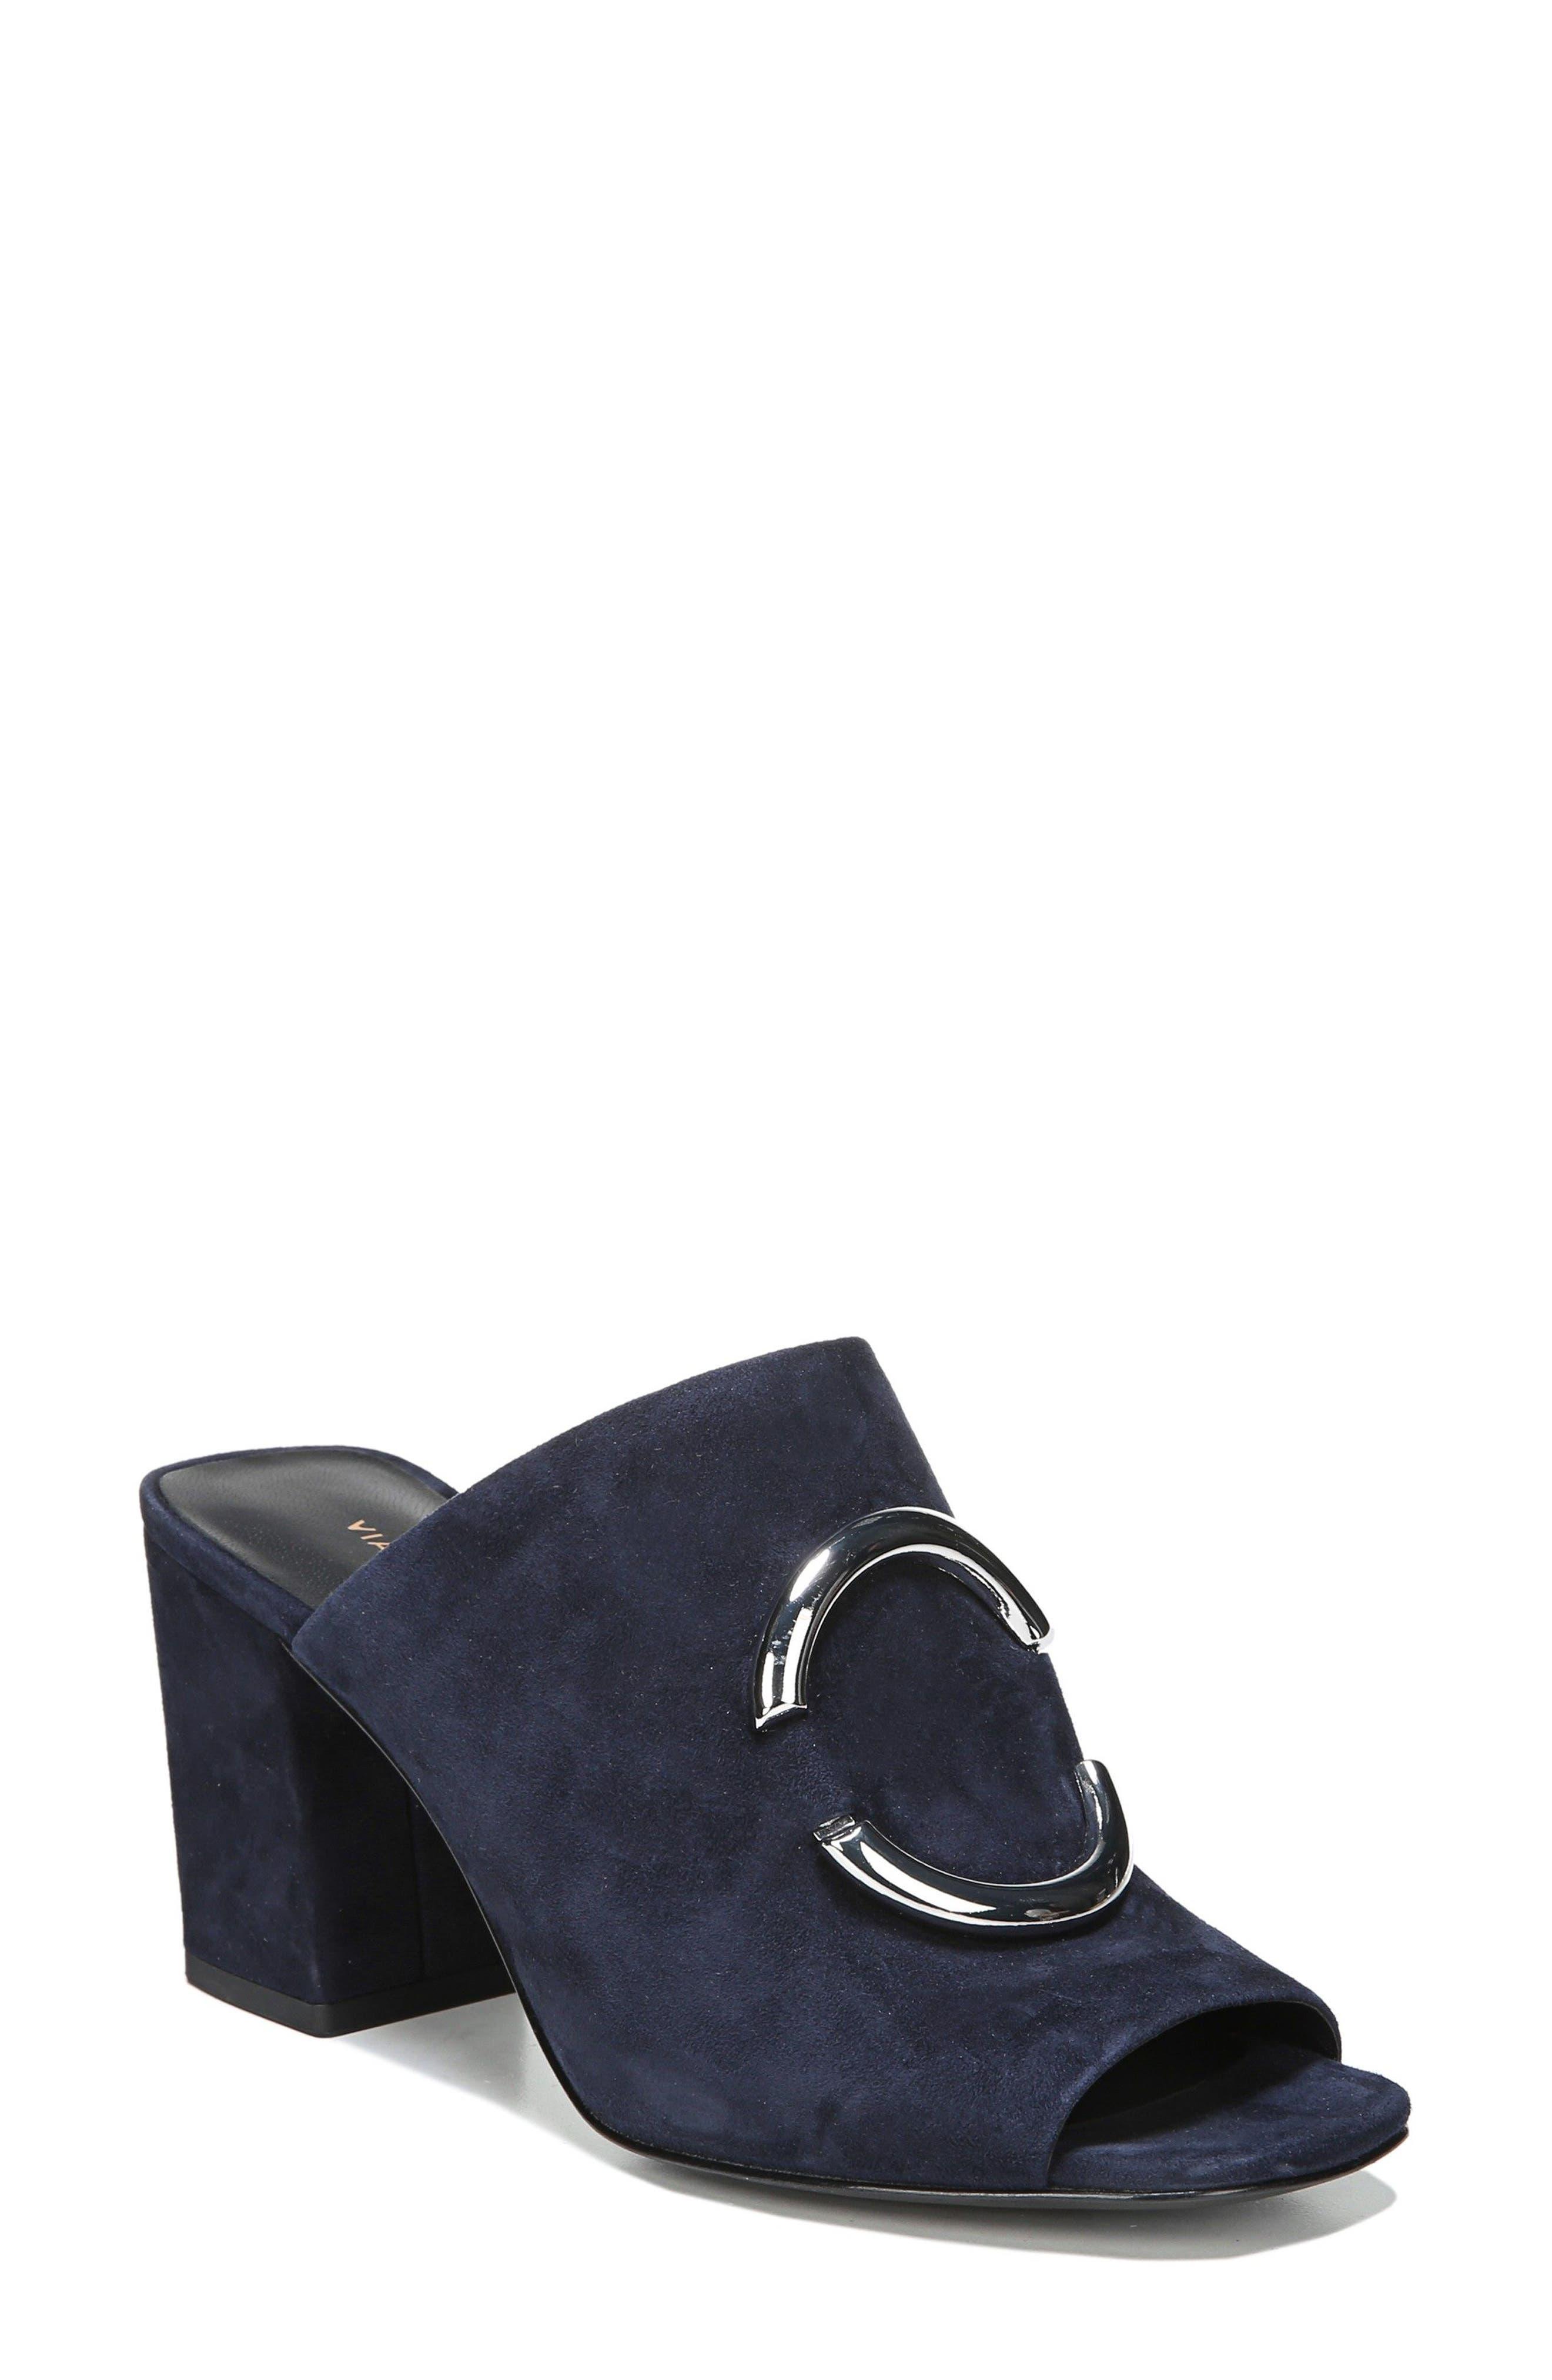 Eleni Slide Sandal,                             Main thumbnail 1, color,                             Midnight Leather